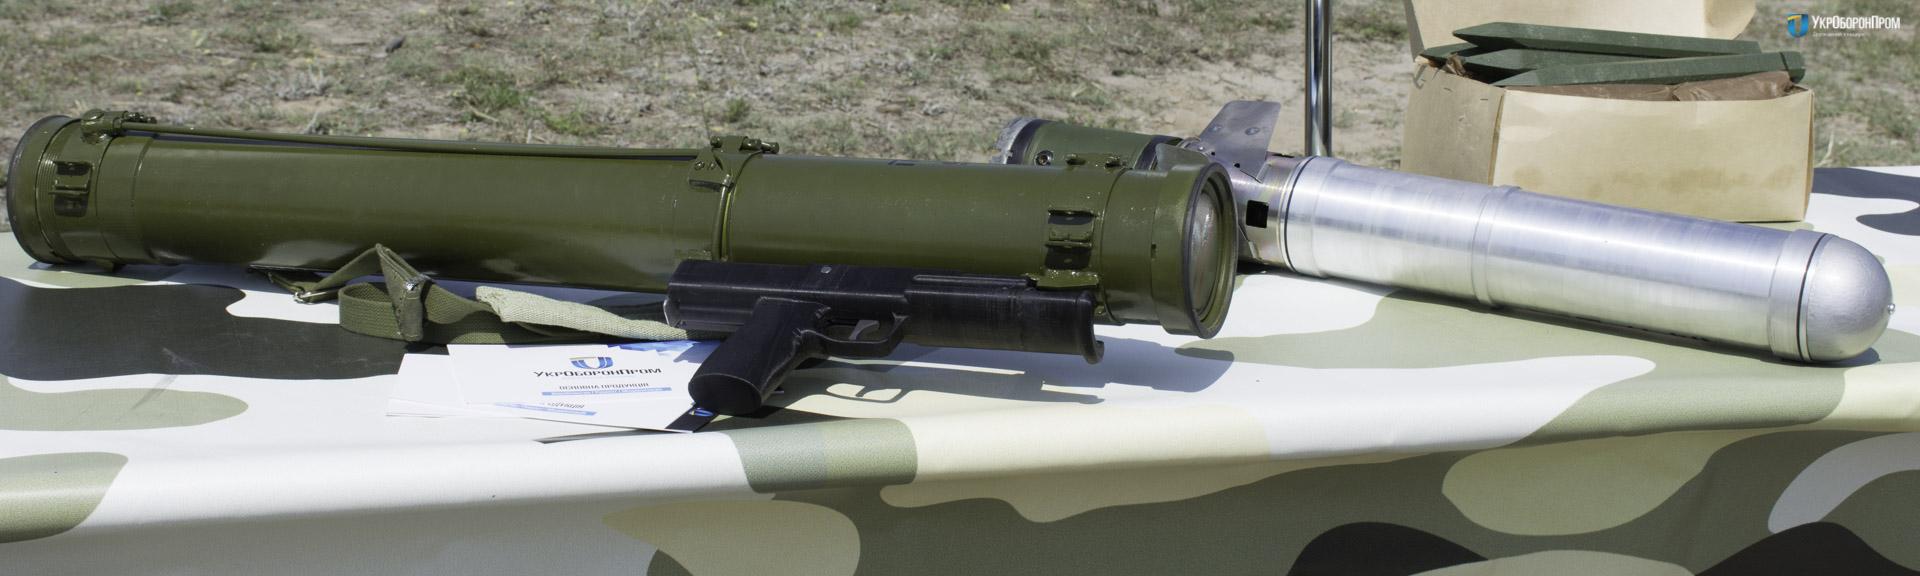 В Украине начали производить реактивные пехотные огнеметы